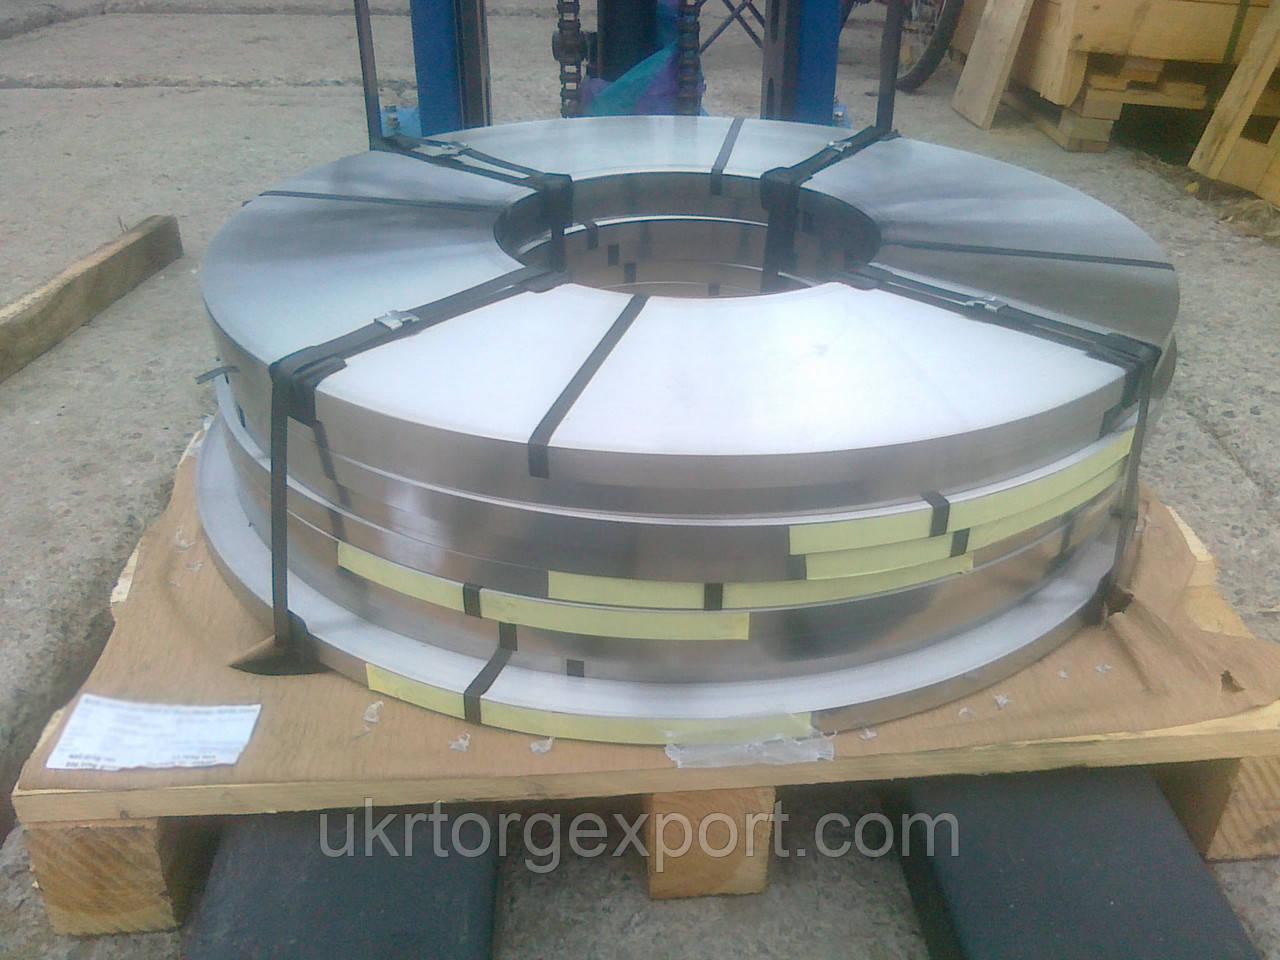 Нержавеющая  стальная лента 0,49мм*400мм материал: 1,4310 (AISI 301, 12Х18Н9 ) нагартованная (твёрдая)